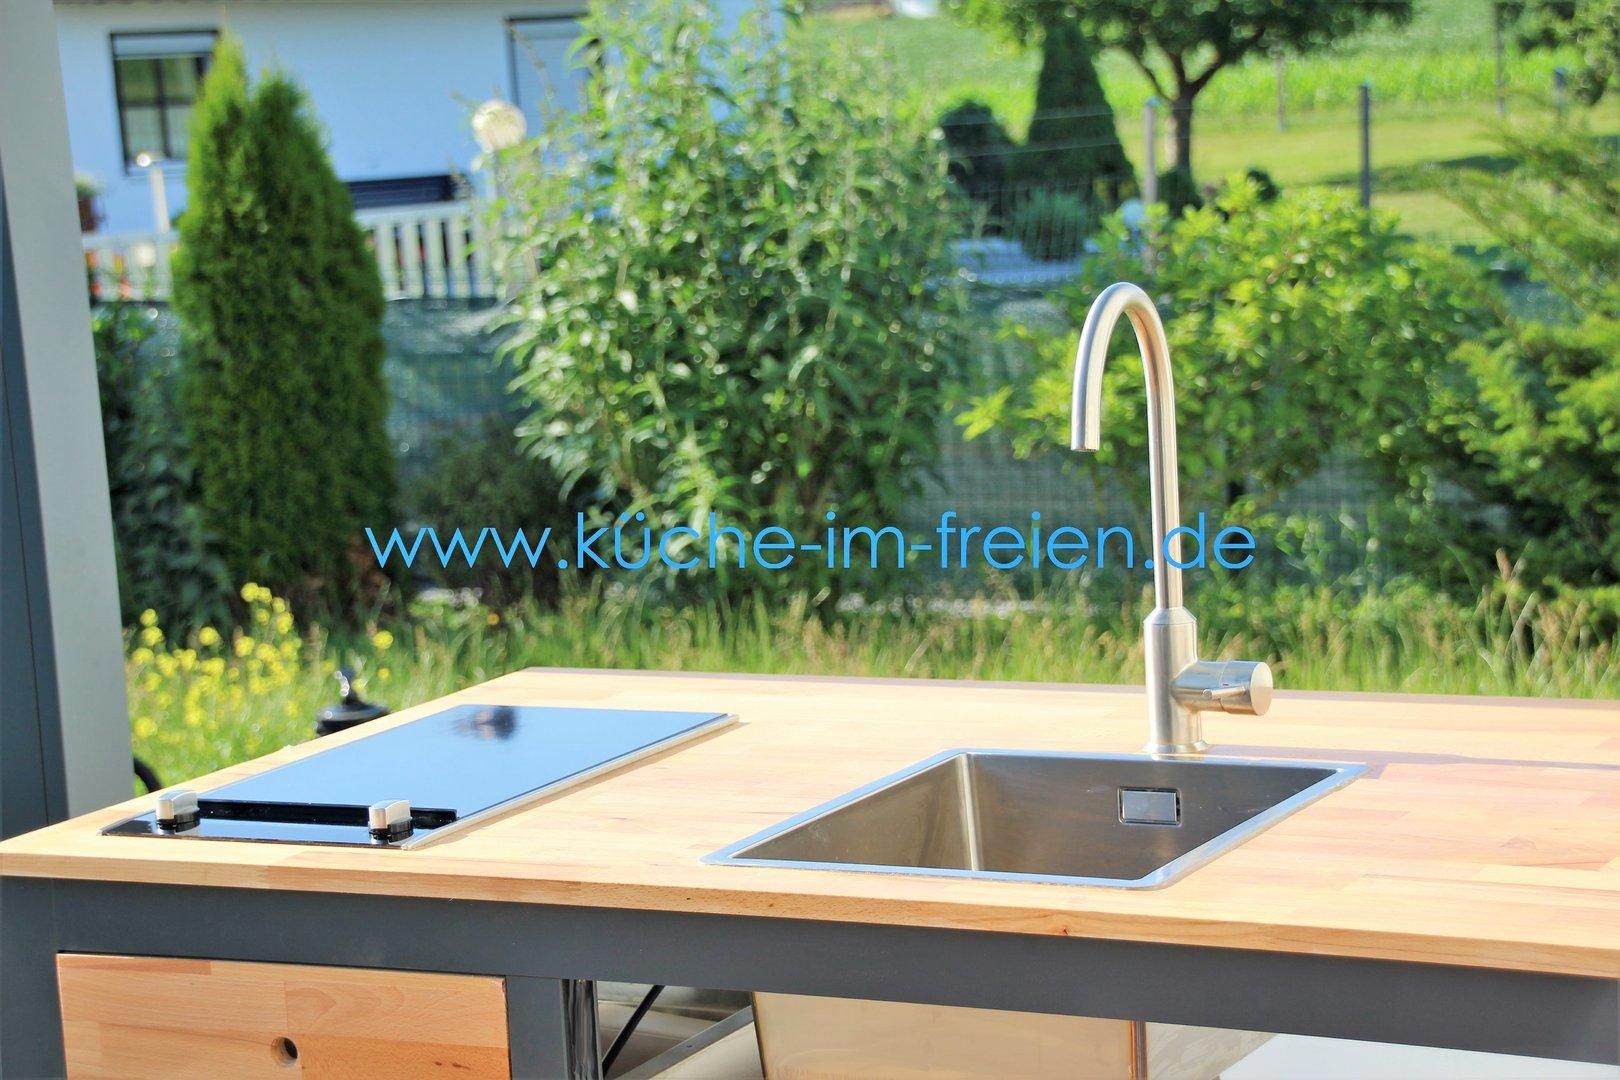 Outdoor Küchen Zubehör : Ikea küche kinder ersatzteile zubehör für outdoor küche